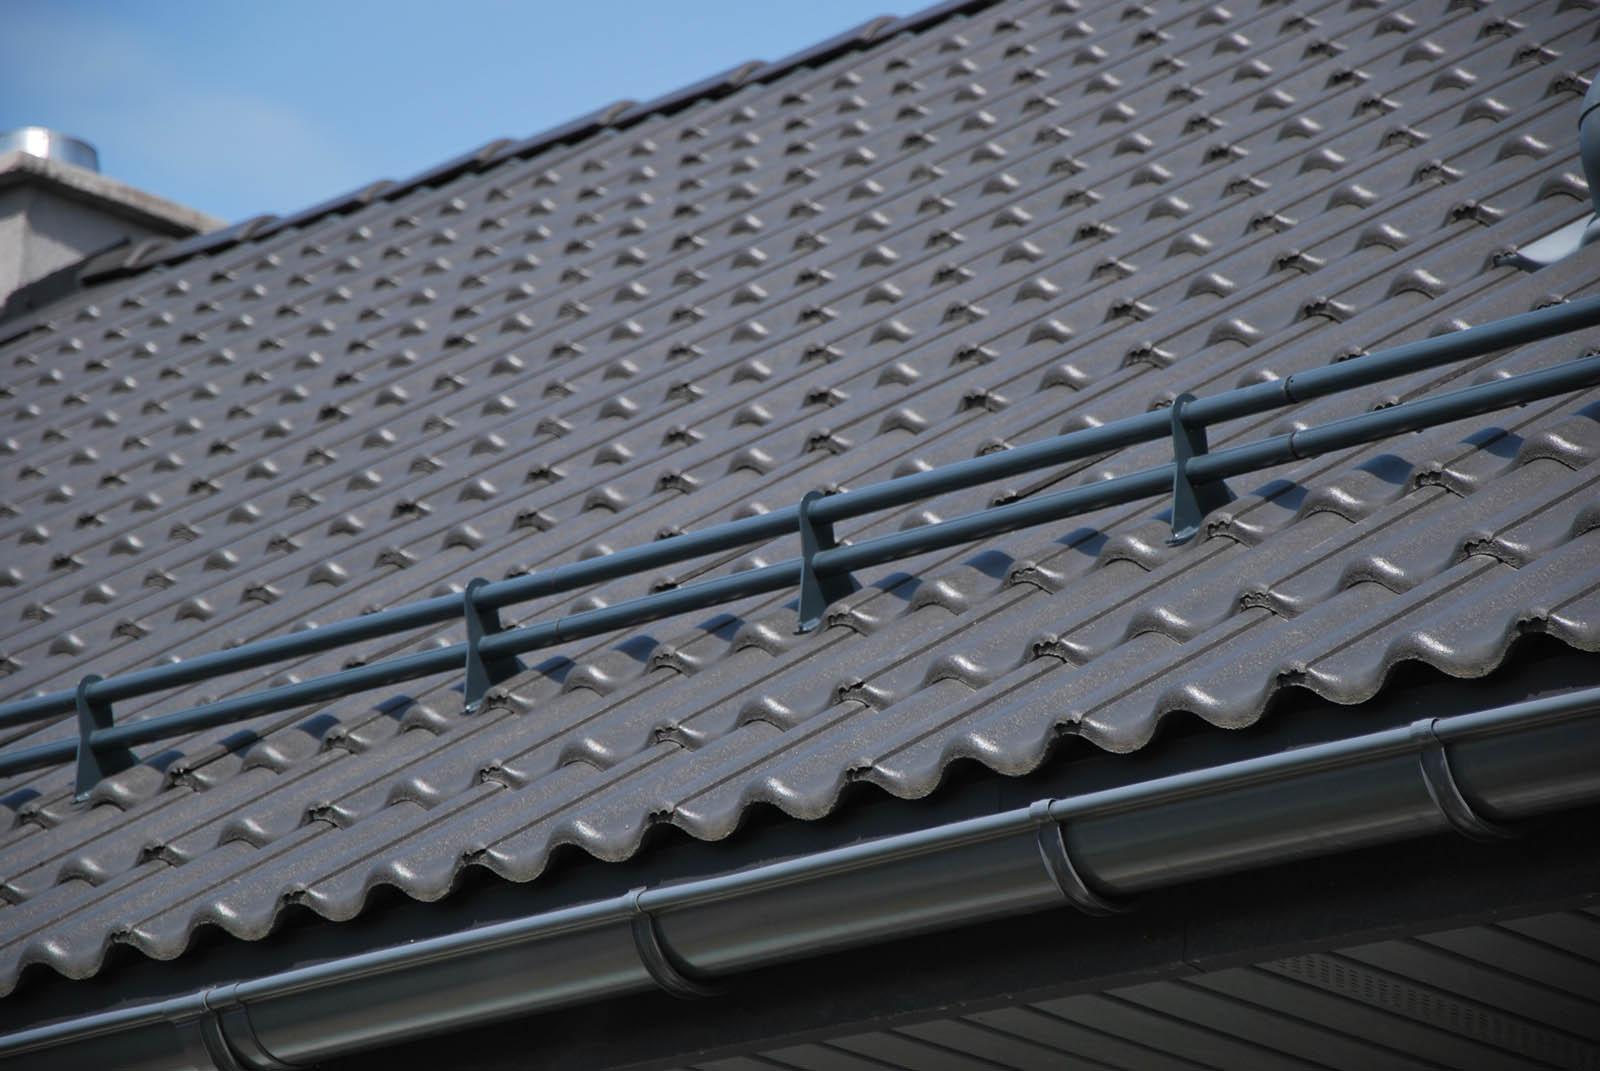 Wspornik rury do blachodachówki, który umożliwia montaż barier przeciwśniegowych na dachach. Płotki przeciwśniegowe to ochrona przed osuwającym się śniegiem.